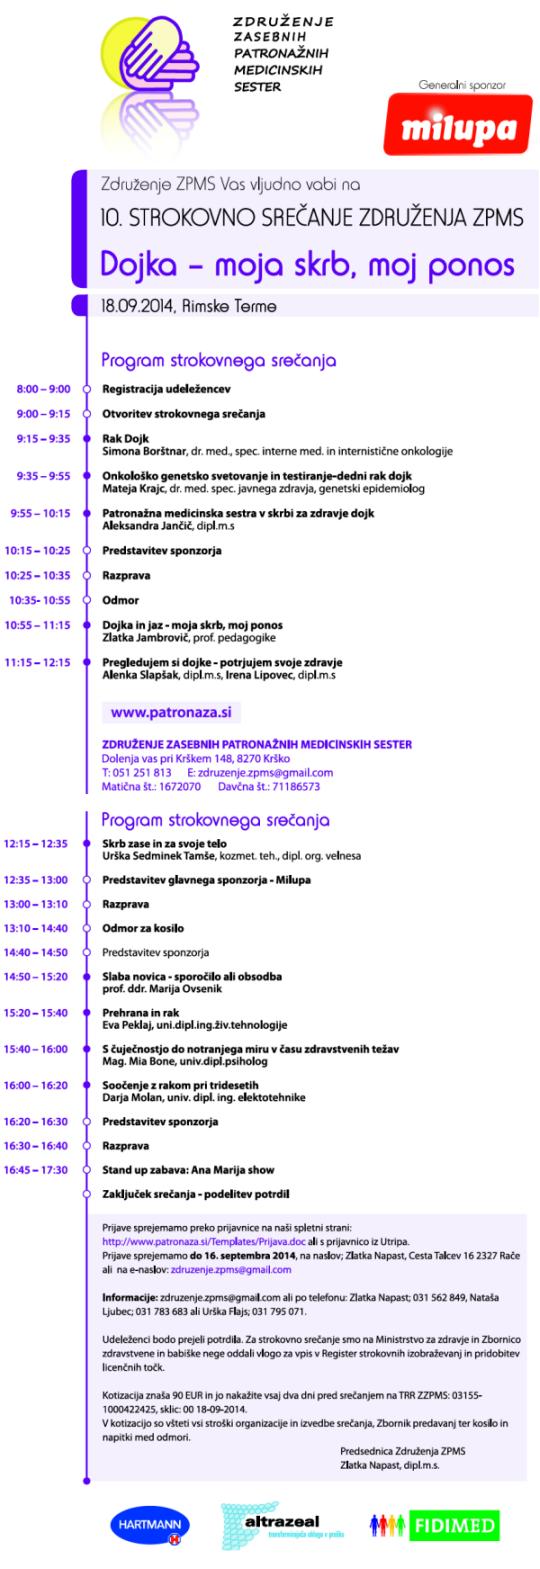 10. strokovno srečanje združenja ZPMS